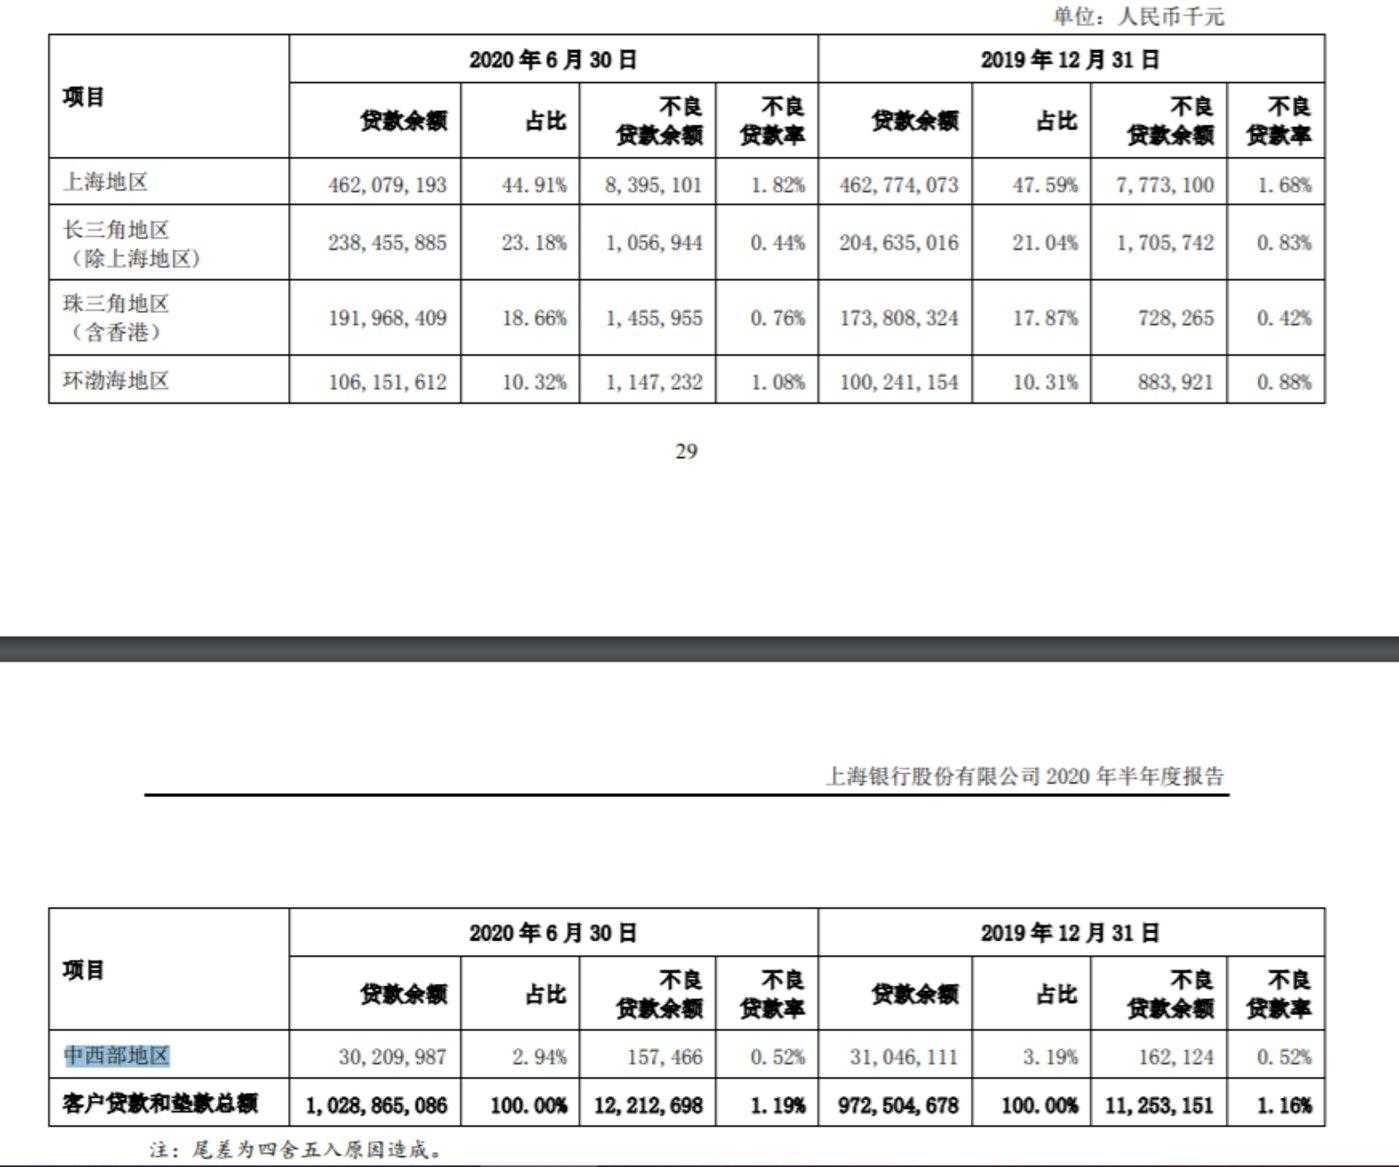 资料来源:上海银行2020半年报